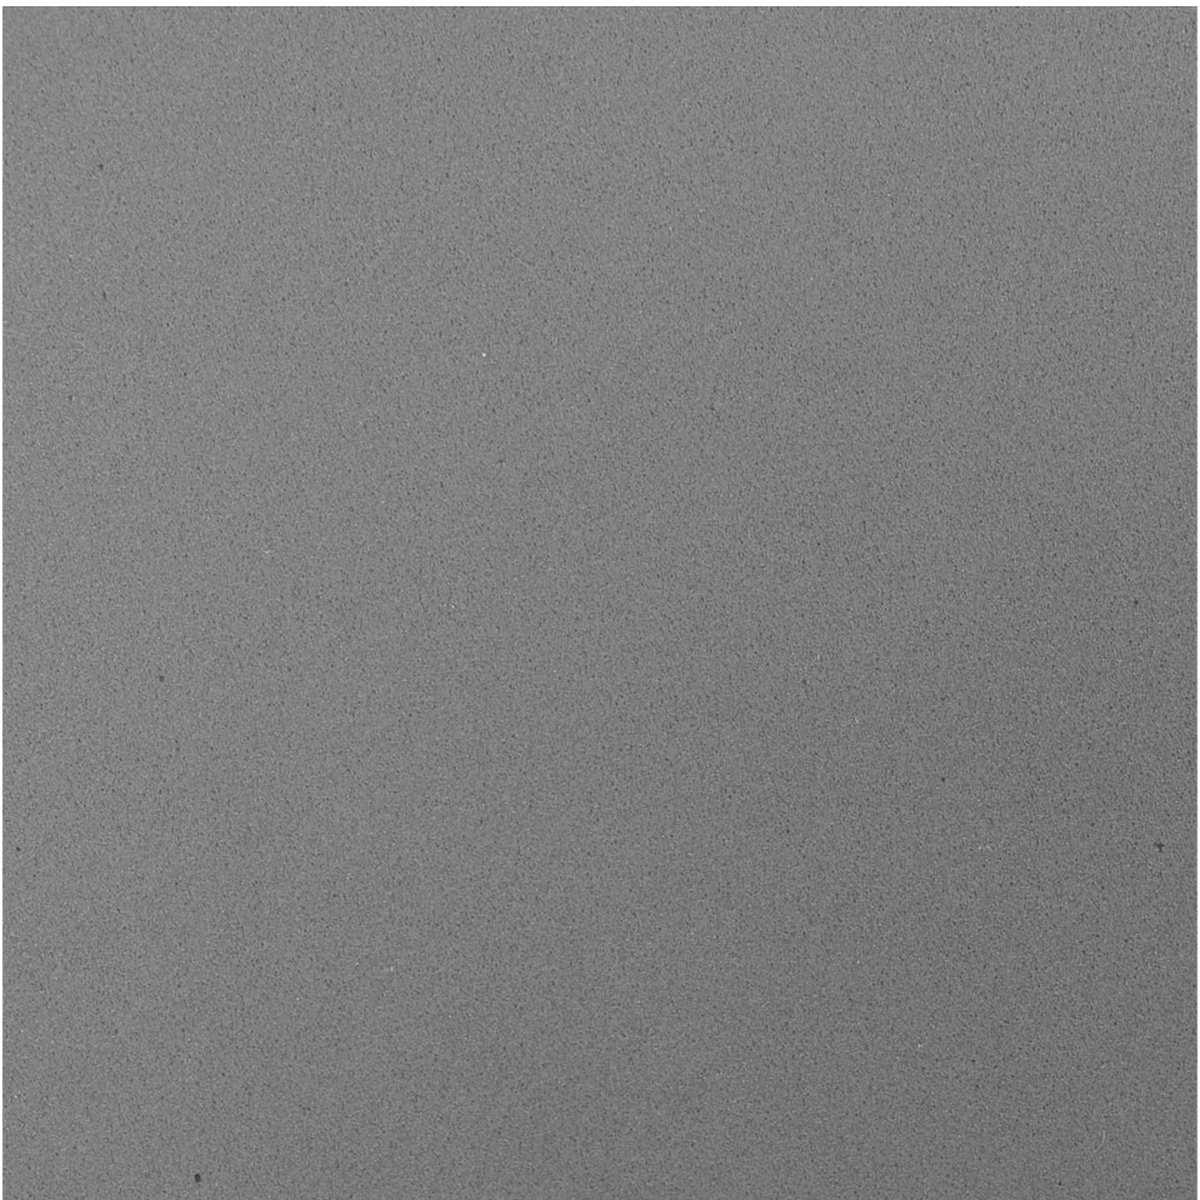 Placa em EVA | 60x40cm Cinza 1,6mm Pct.c/10 - Make+